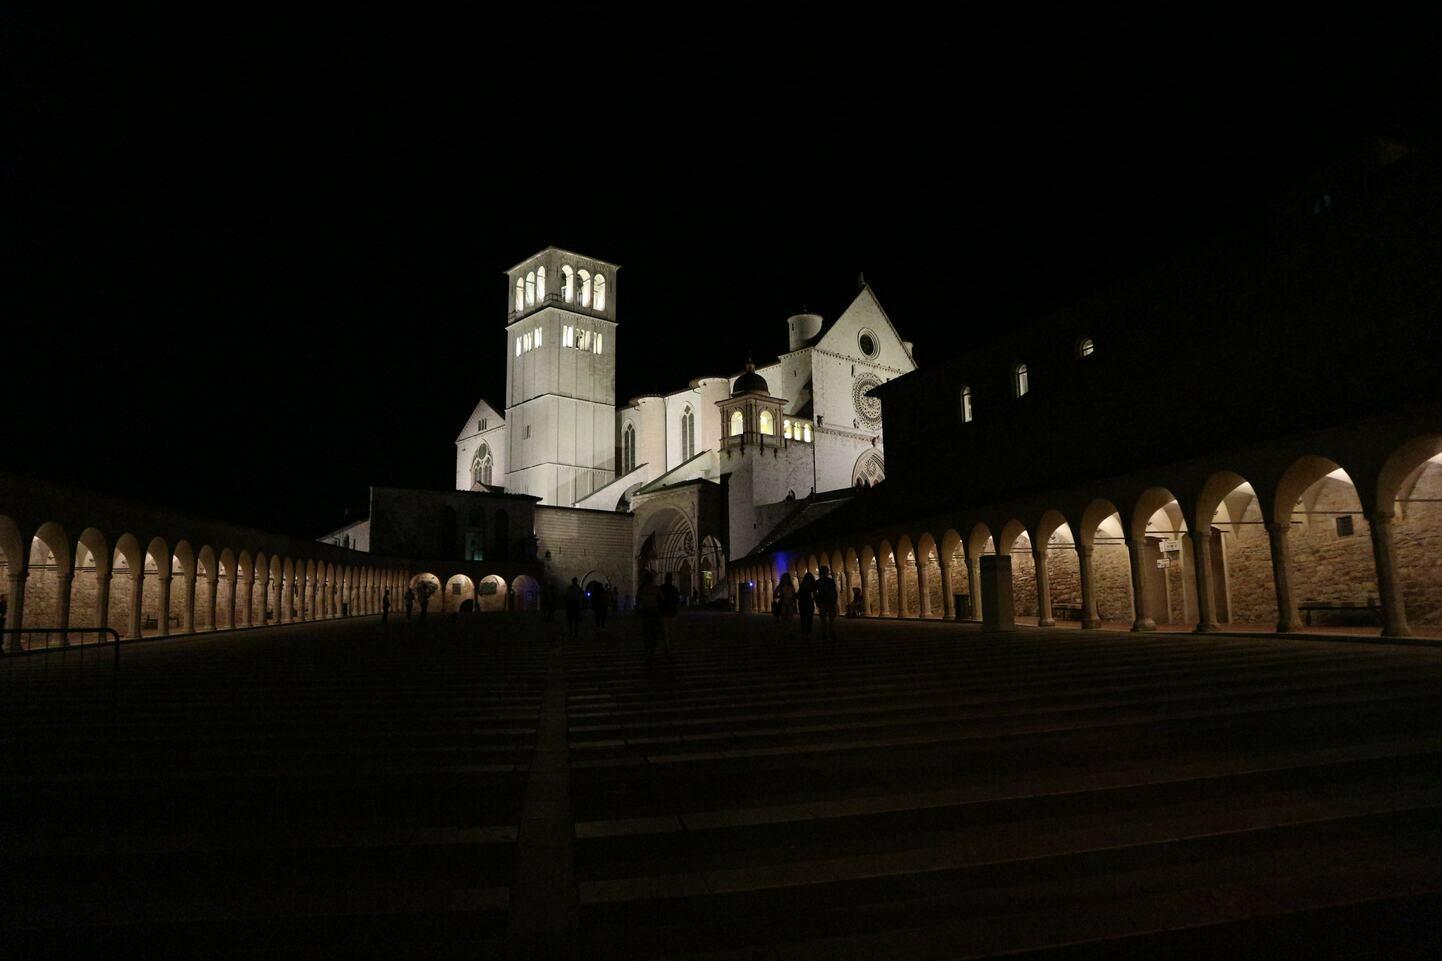 ライトアップされたサンフランチェスコ聖堂